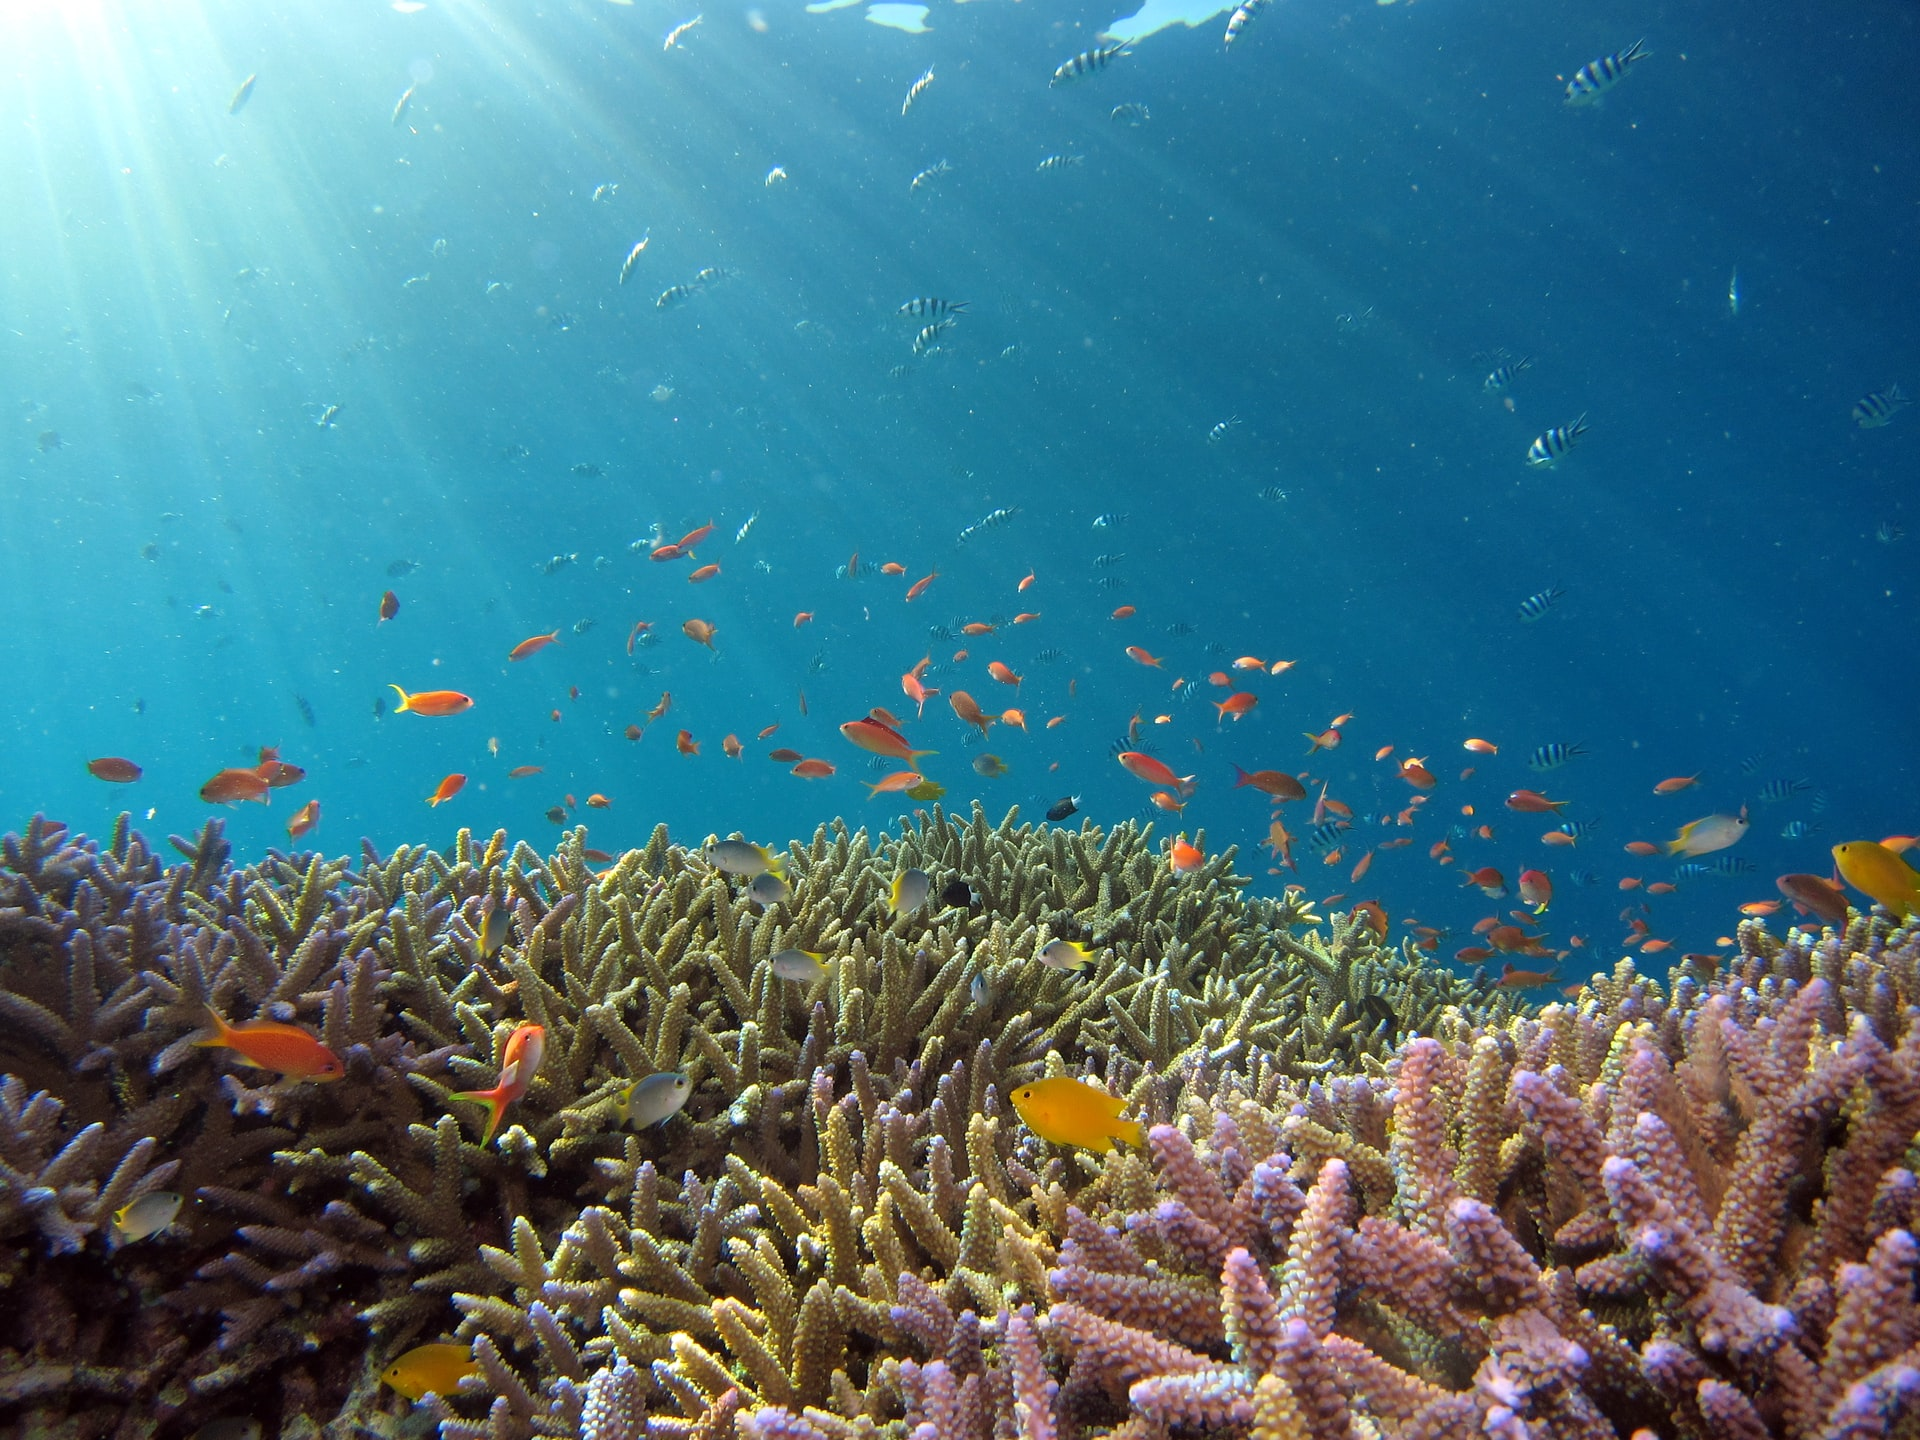 サンゴ礁の絶滅を防ぐために、できることを始めよう